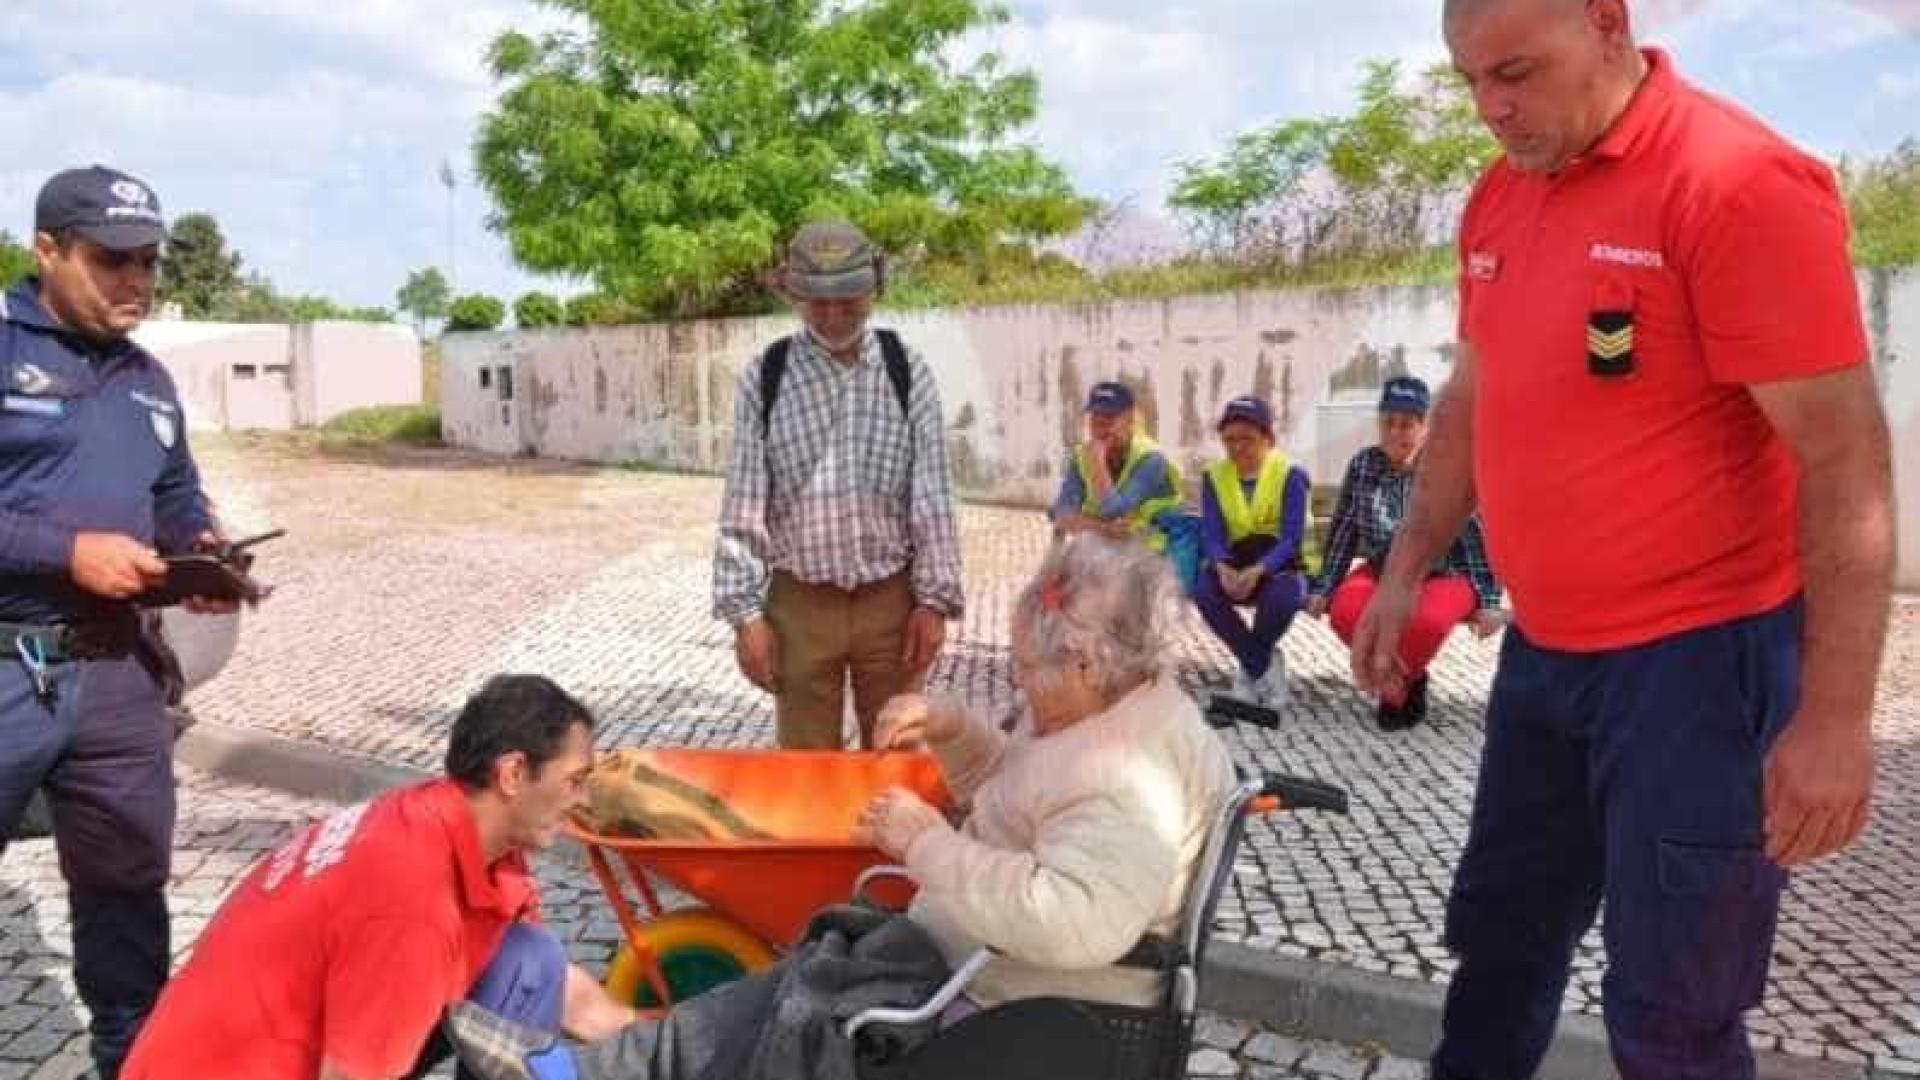 Homem leva mulher em carrinho de mão para levantar reforma em Elvas